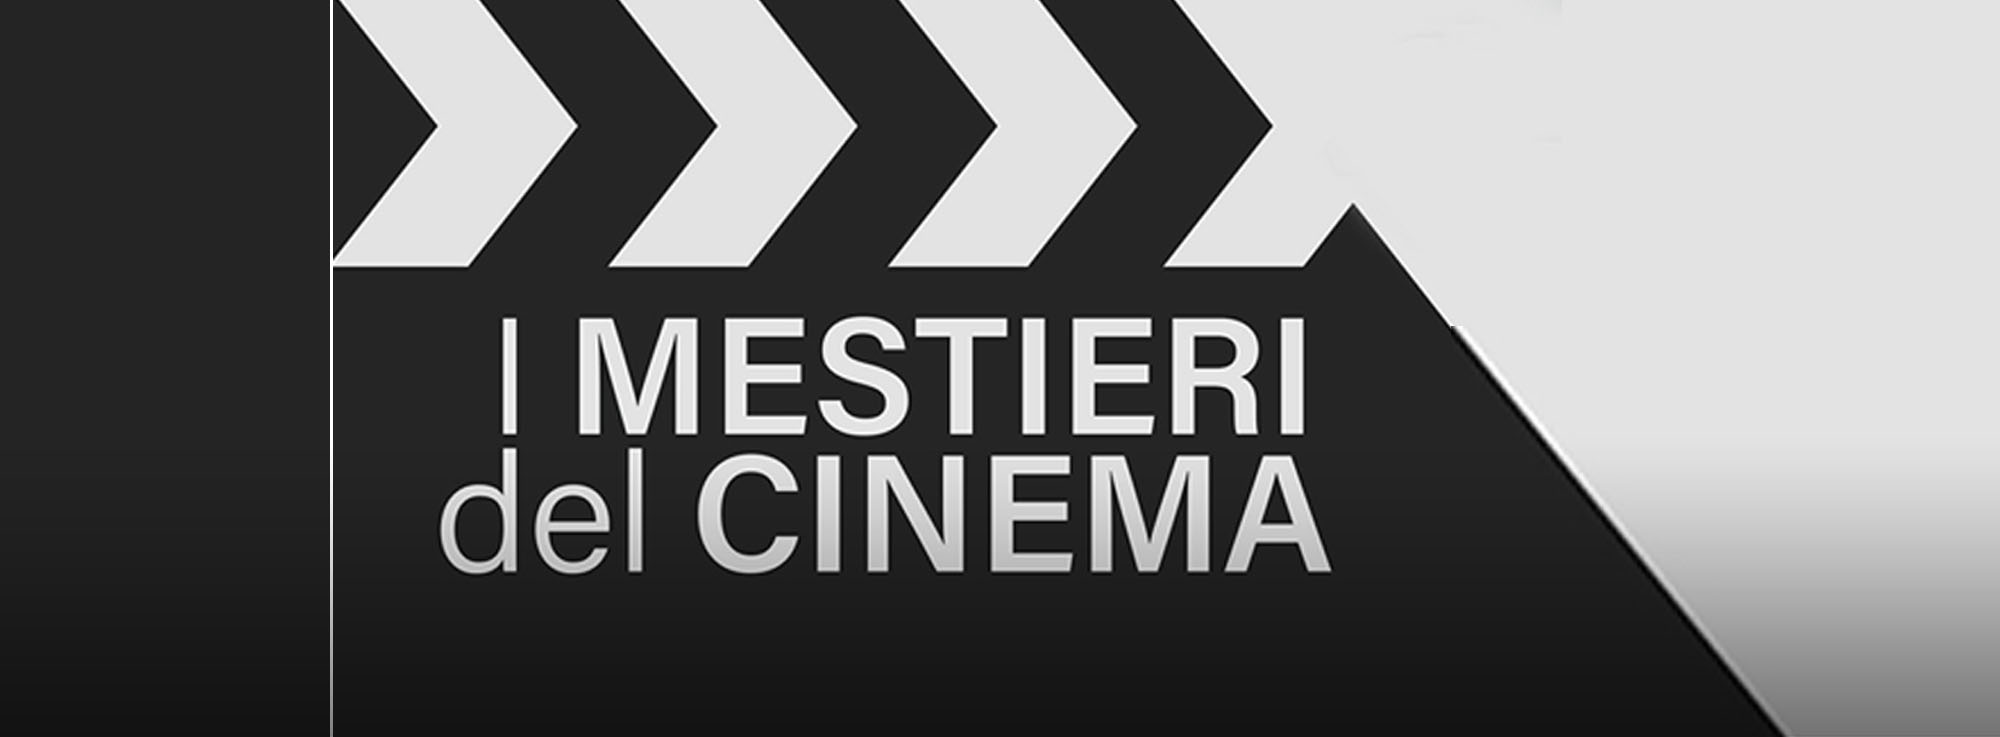 Lecce: I mestieri del Cinema